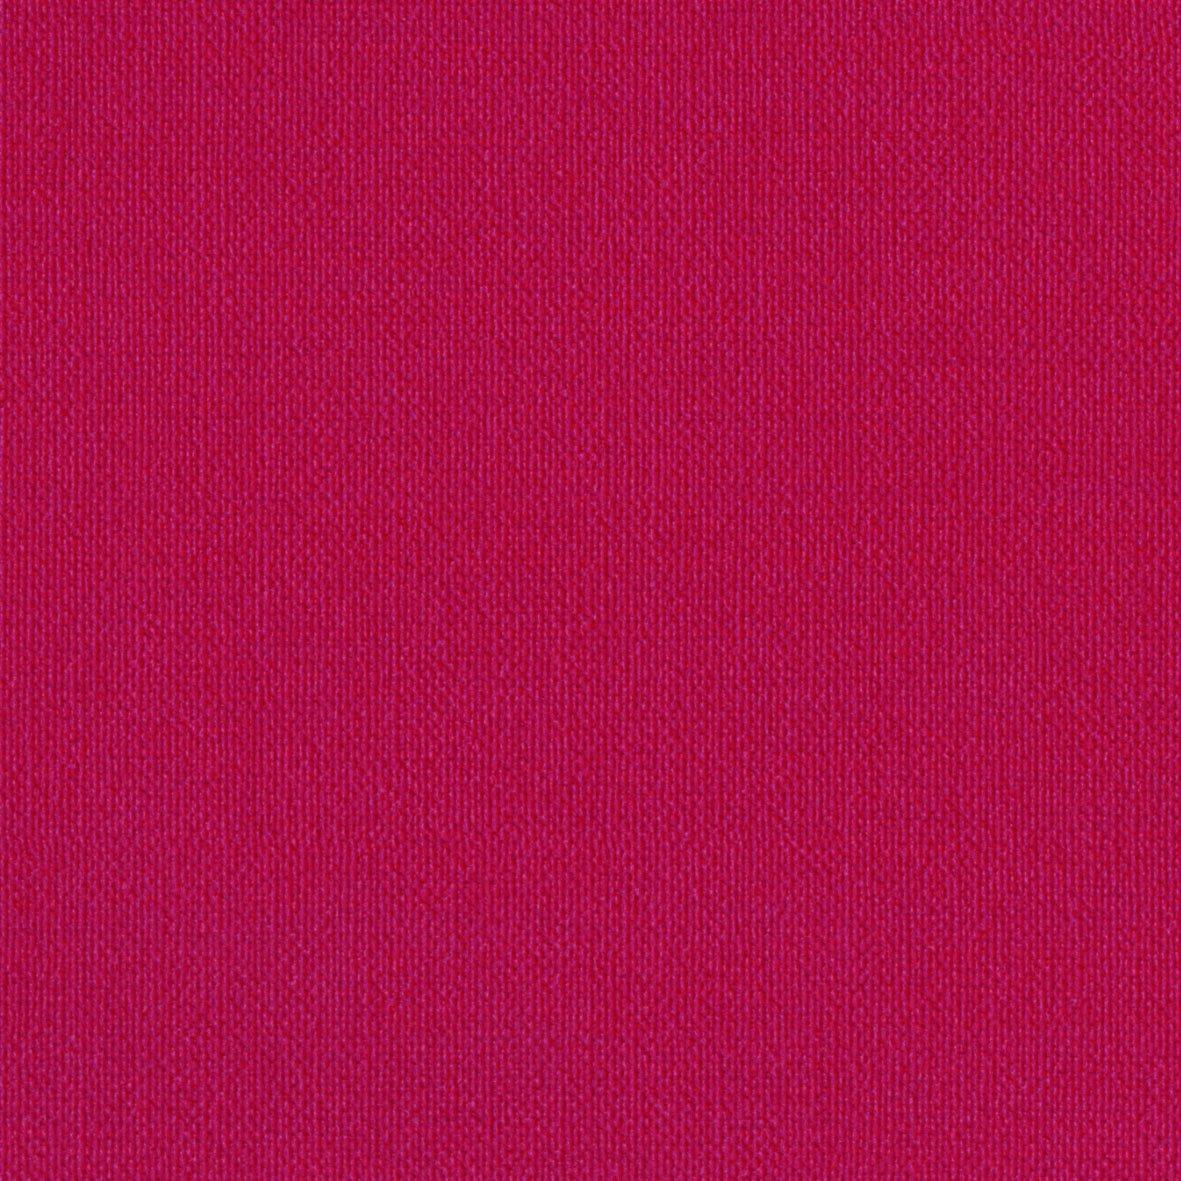 リリカラ 壁紙44m シンフル 織物調 パープル LL-8244 B01MXHPHH4 44m|パープル